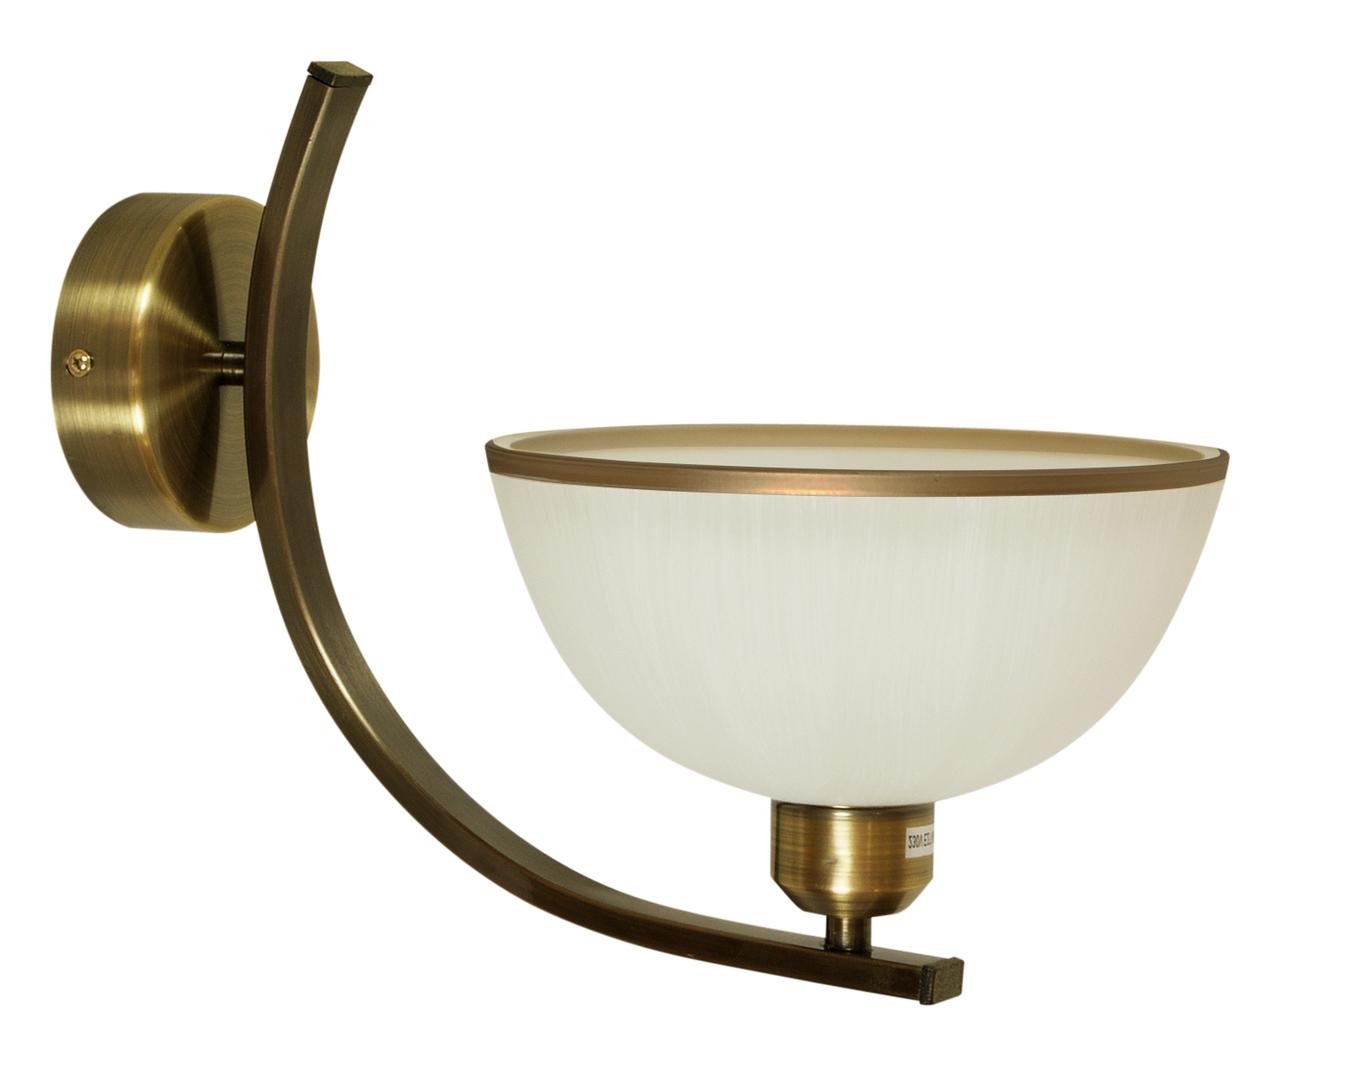 Lampa Mandarin Kinkiet 1X60W E27 Klosz Z Paskiem Ciemna Patyna